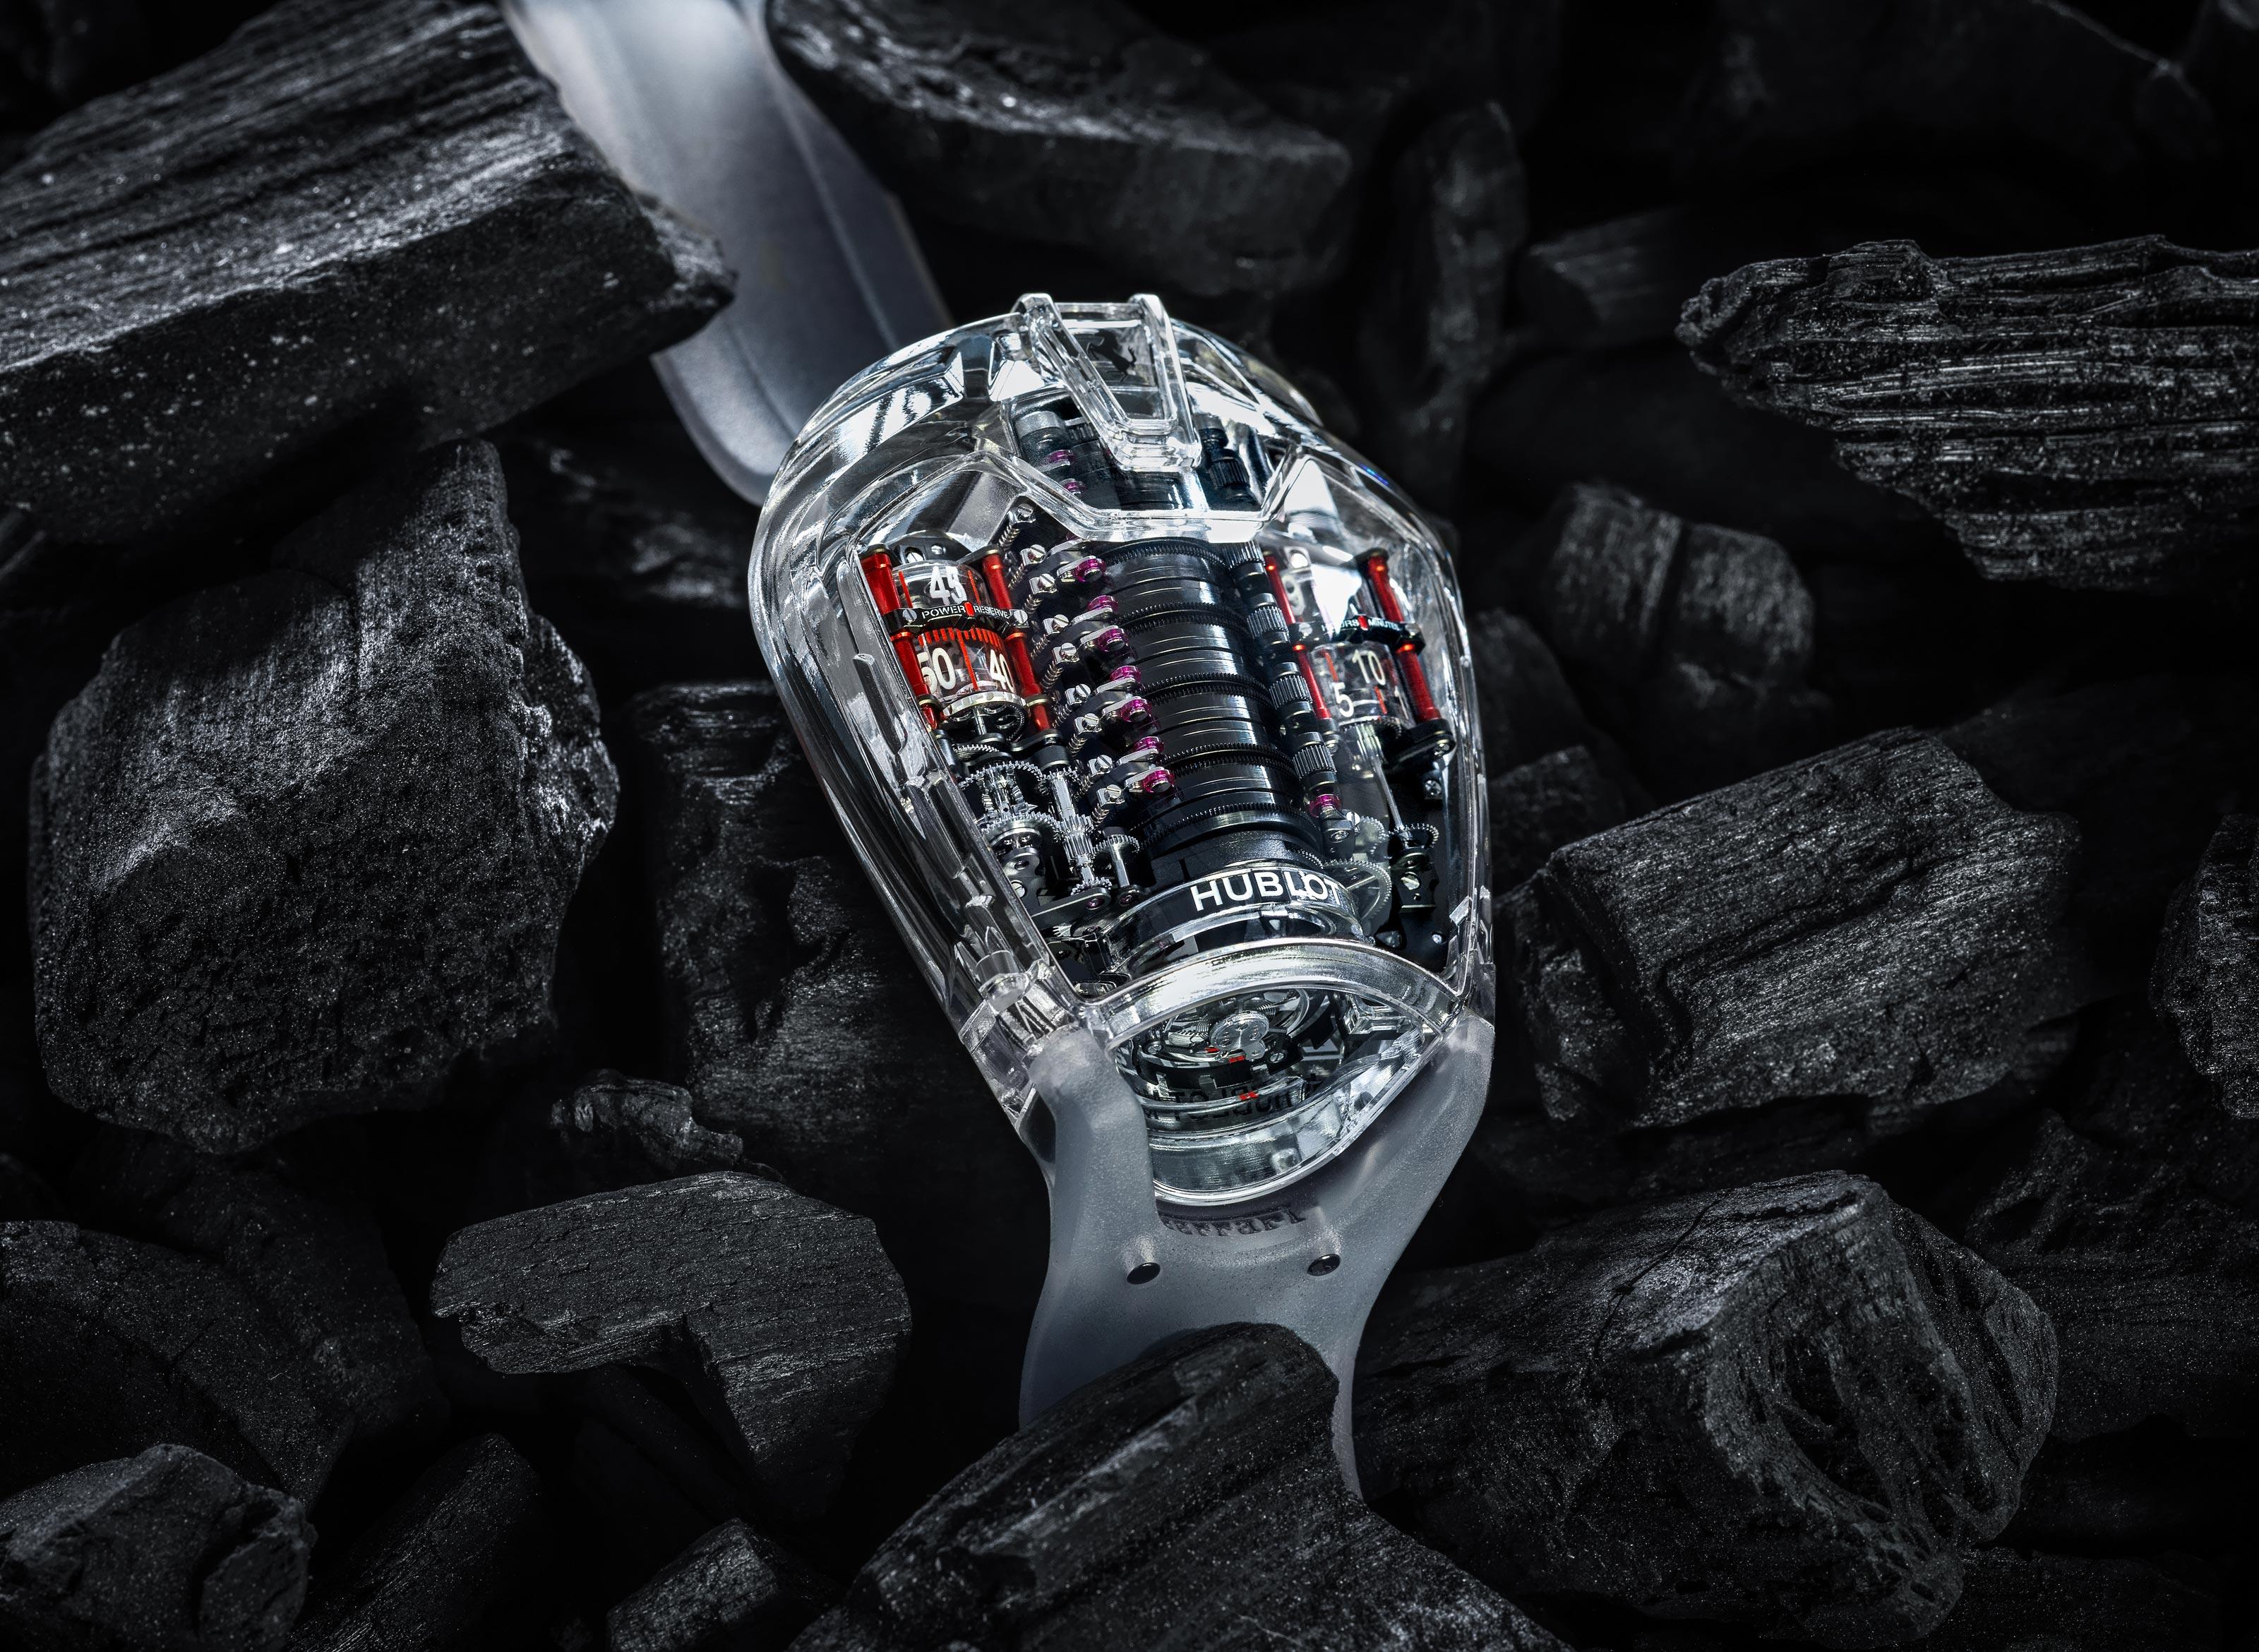 La Cote Des Montres The Hublot Mp 05 Laferrari Sapphire Watch A Sapphire Setting For The Record Breaking Movement